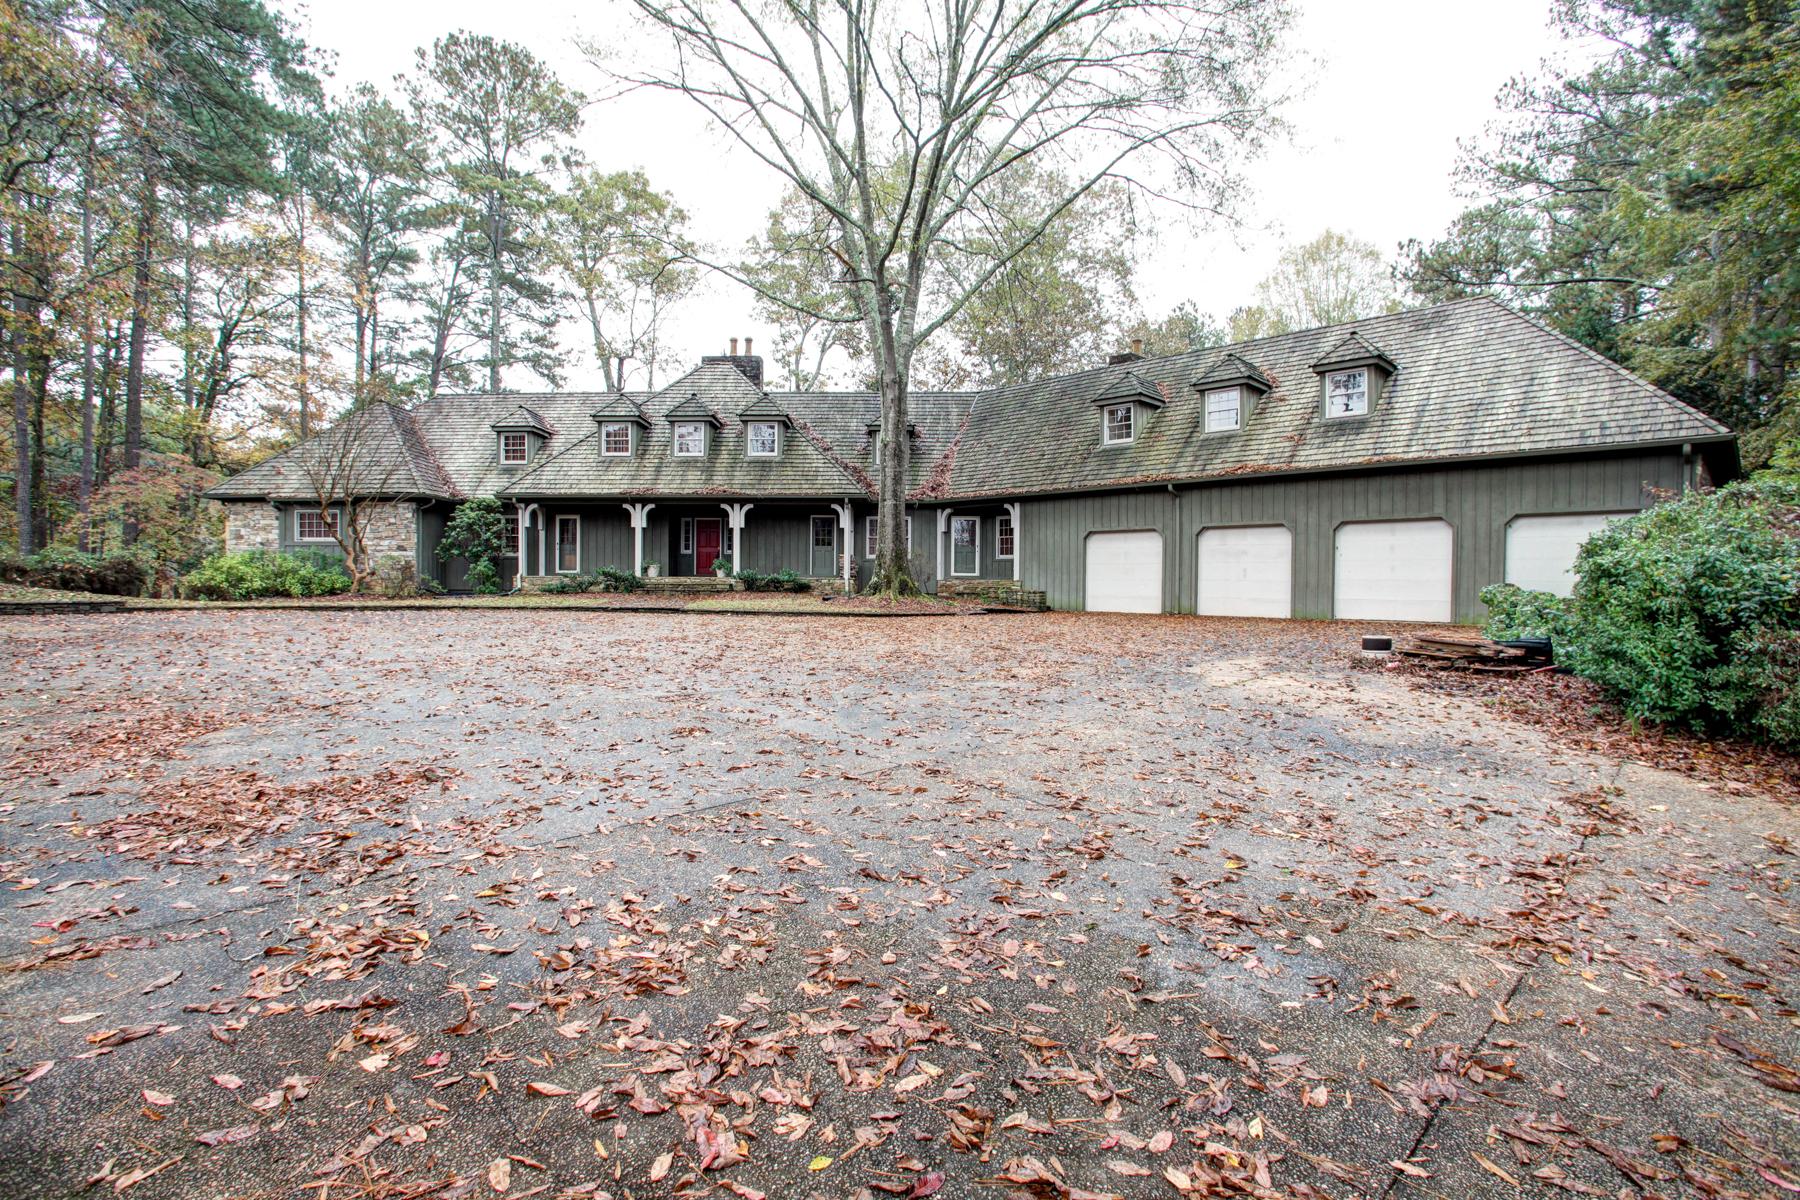 단독 가정 주택 용 매매 에 Spacious Builder's Home On 3.15 Acres And A Lake 3949 Paul Samuel Road NW Kennesaw, 조지아, 30152 미국